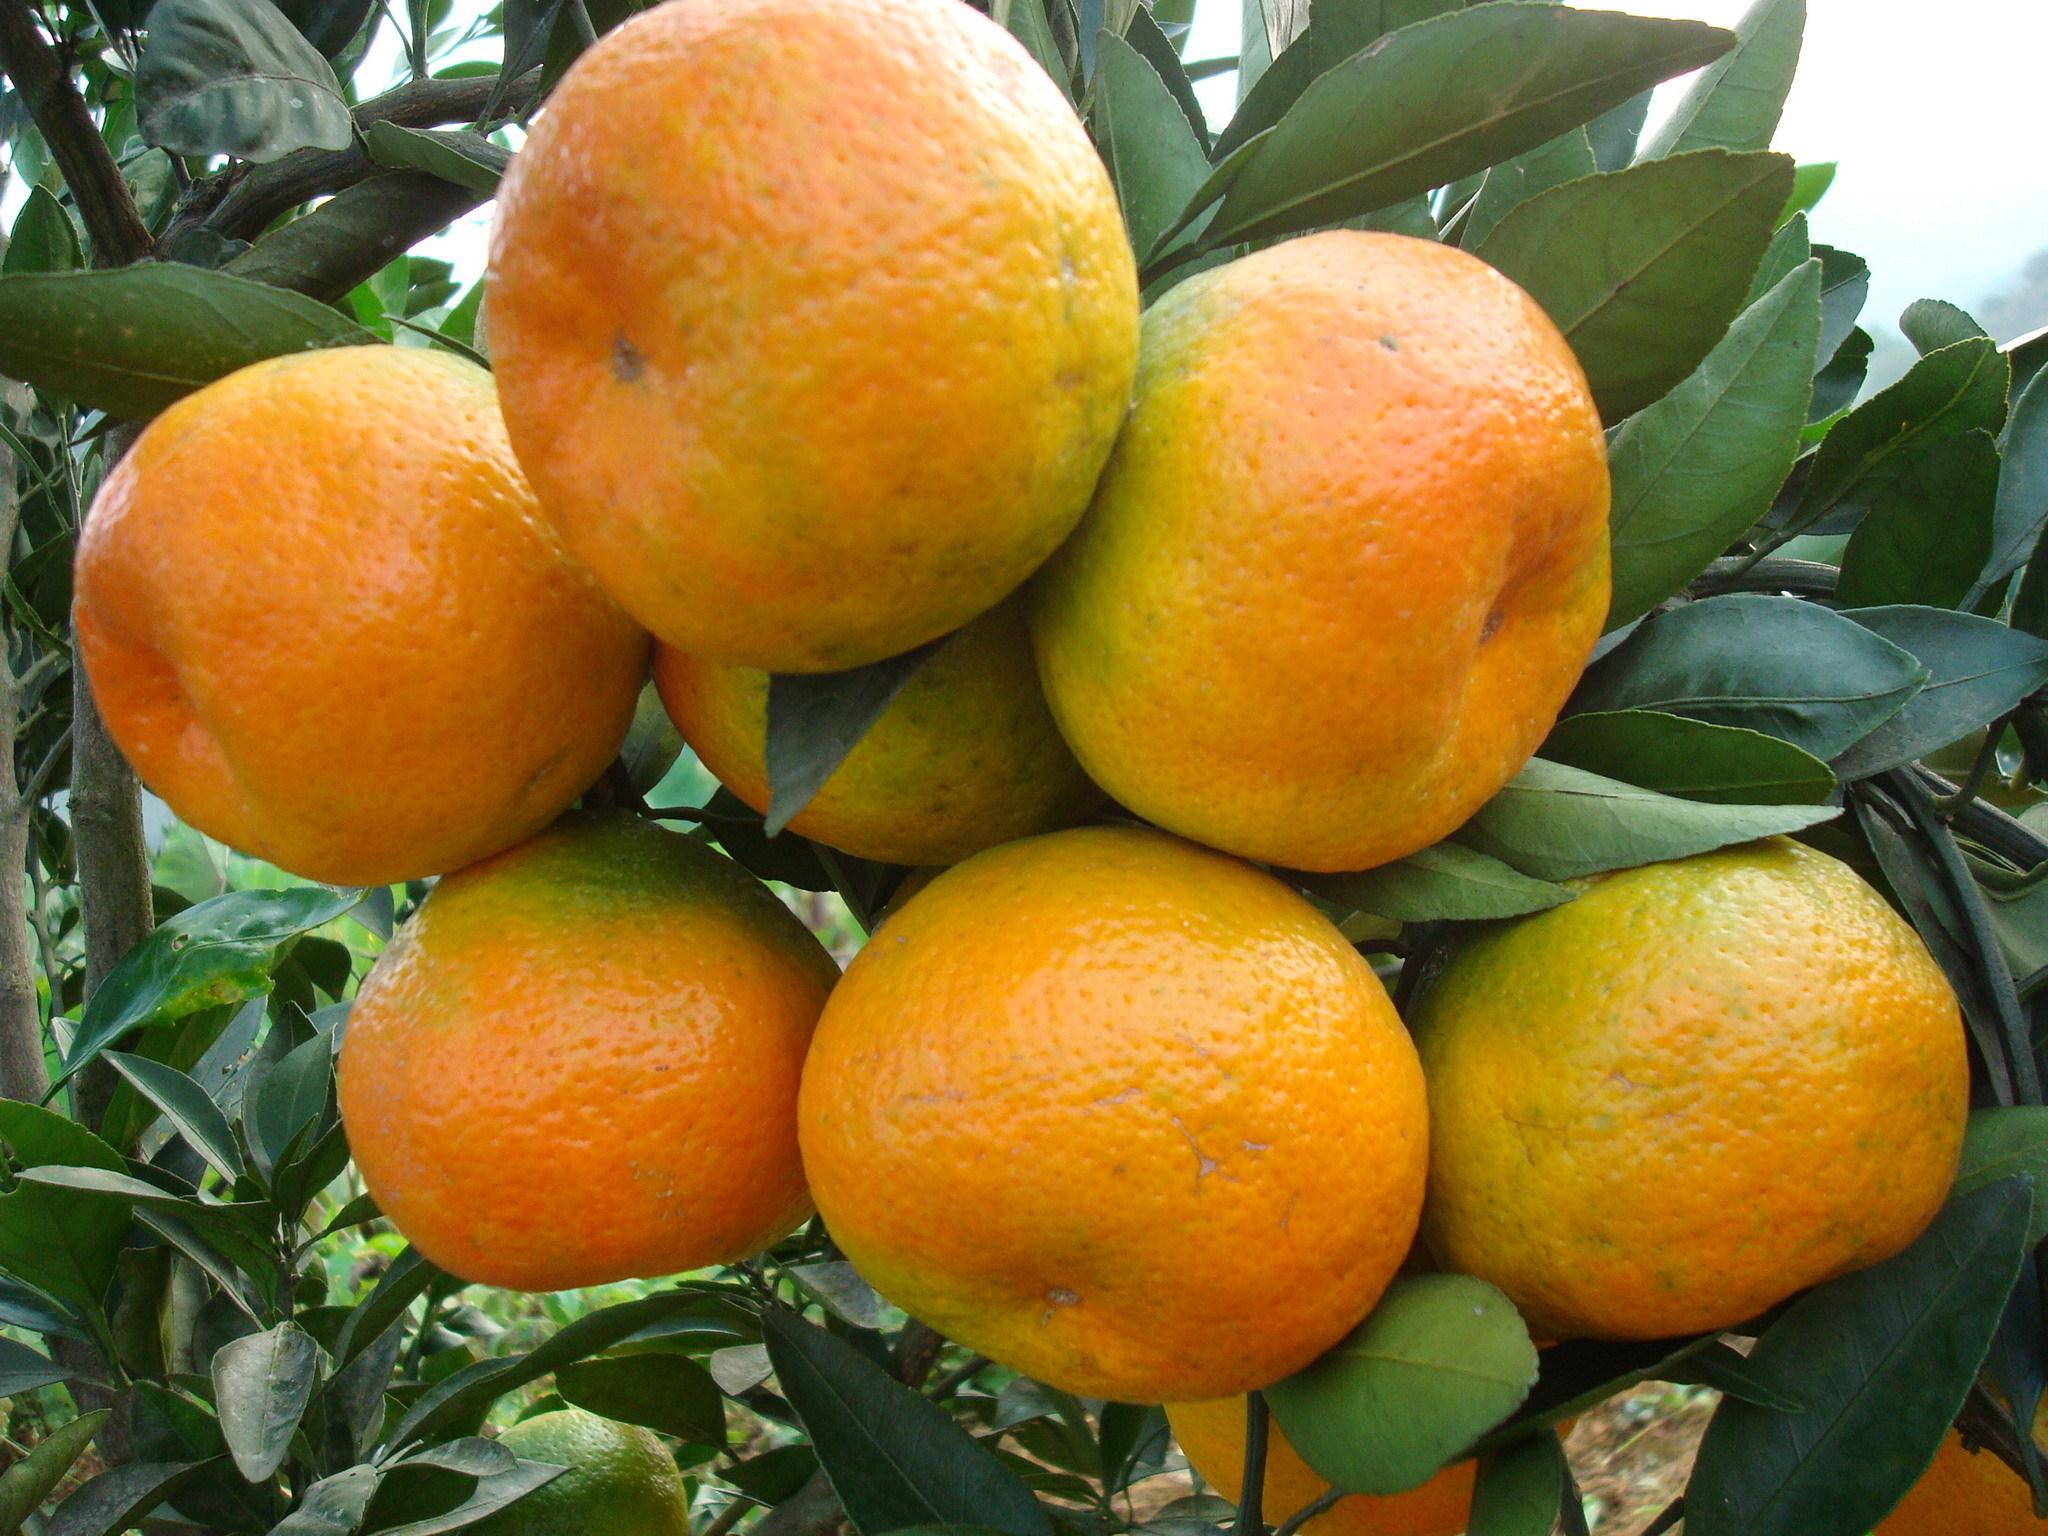 柑橘横切结构图